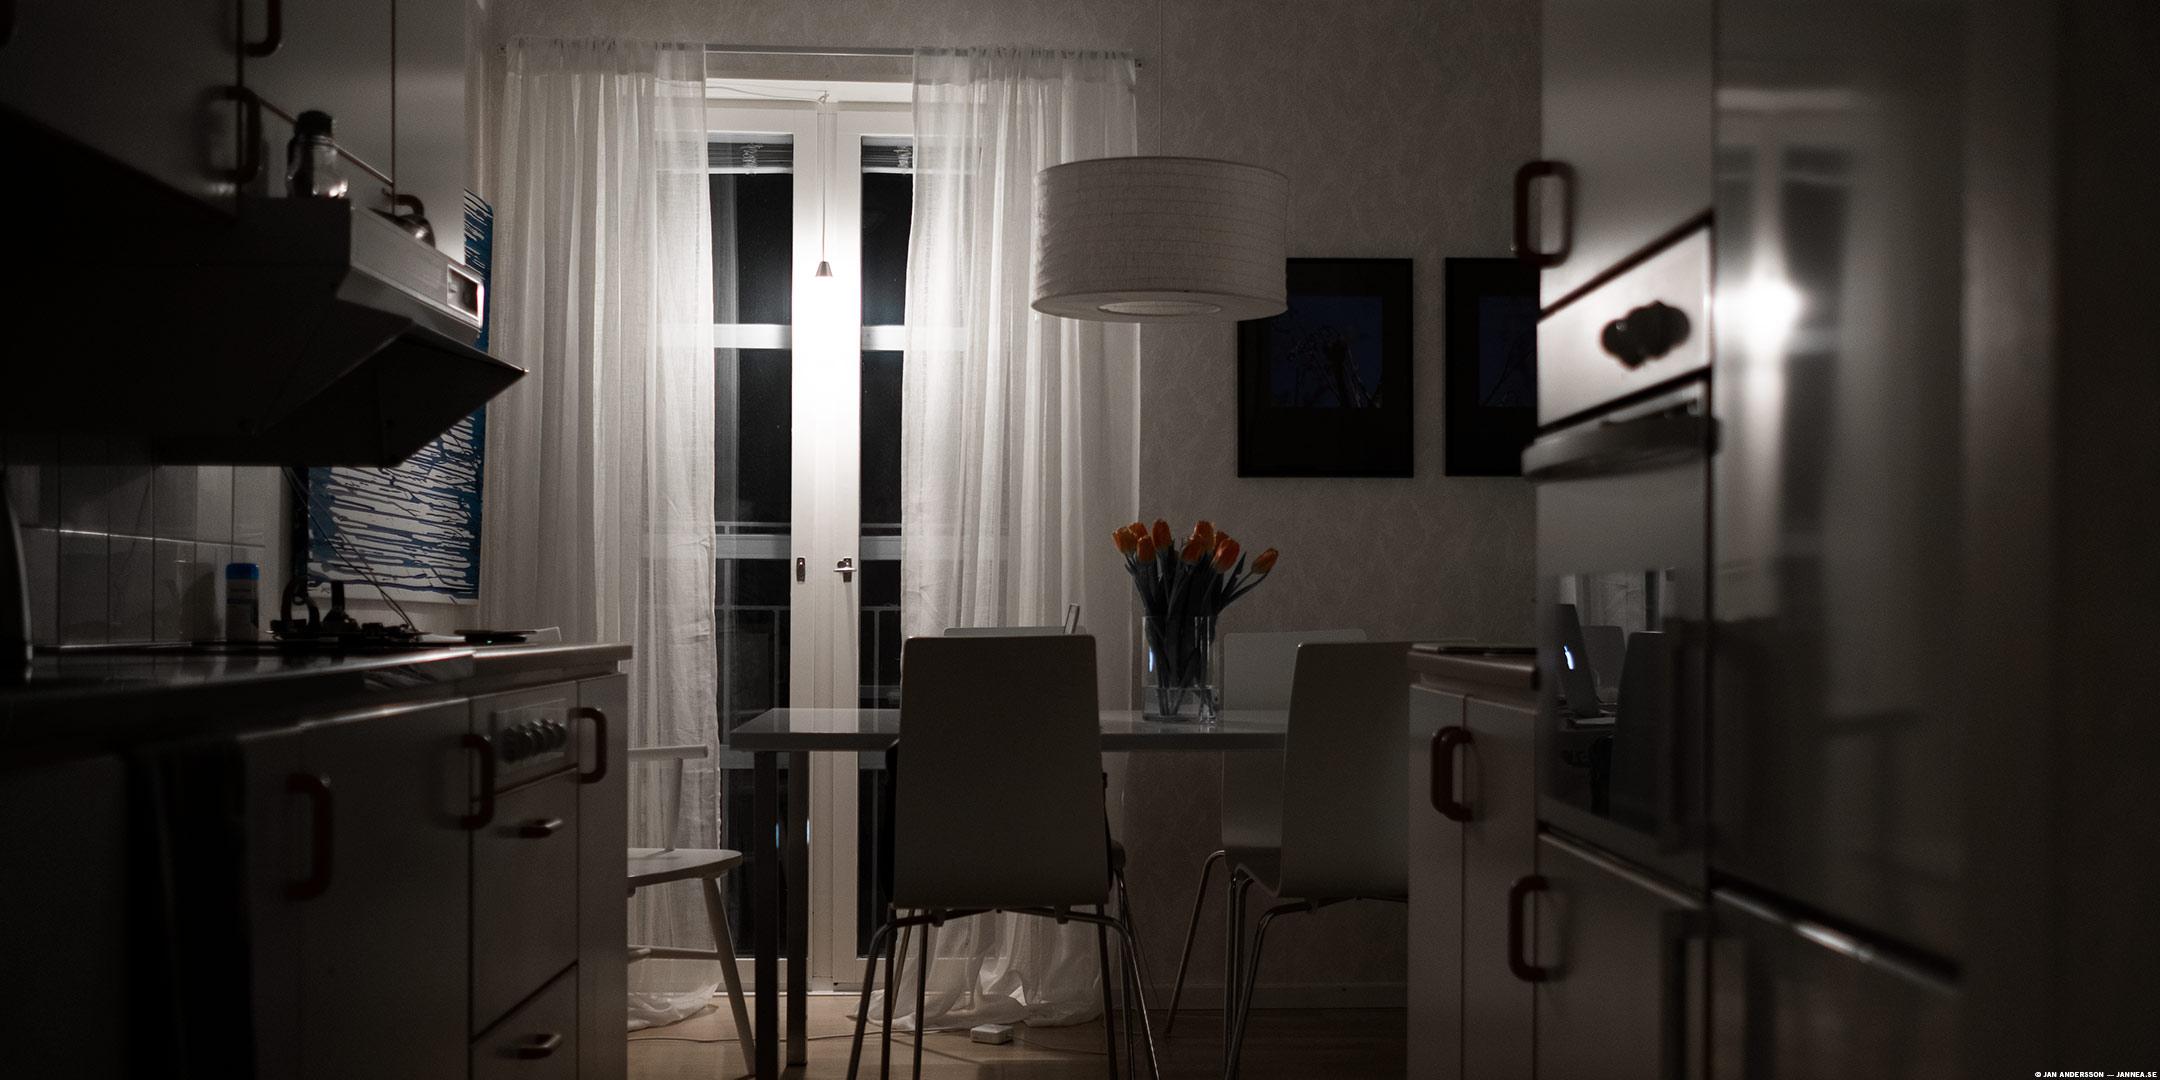 I köket där jag bor är det tyst |© Jan Andersson